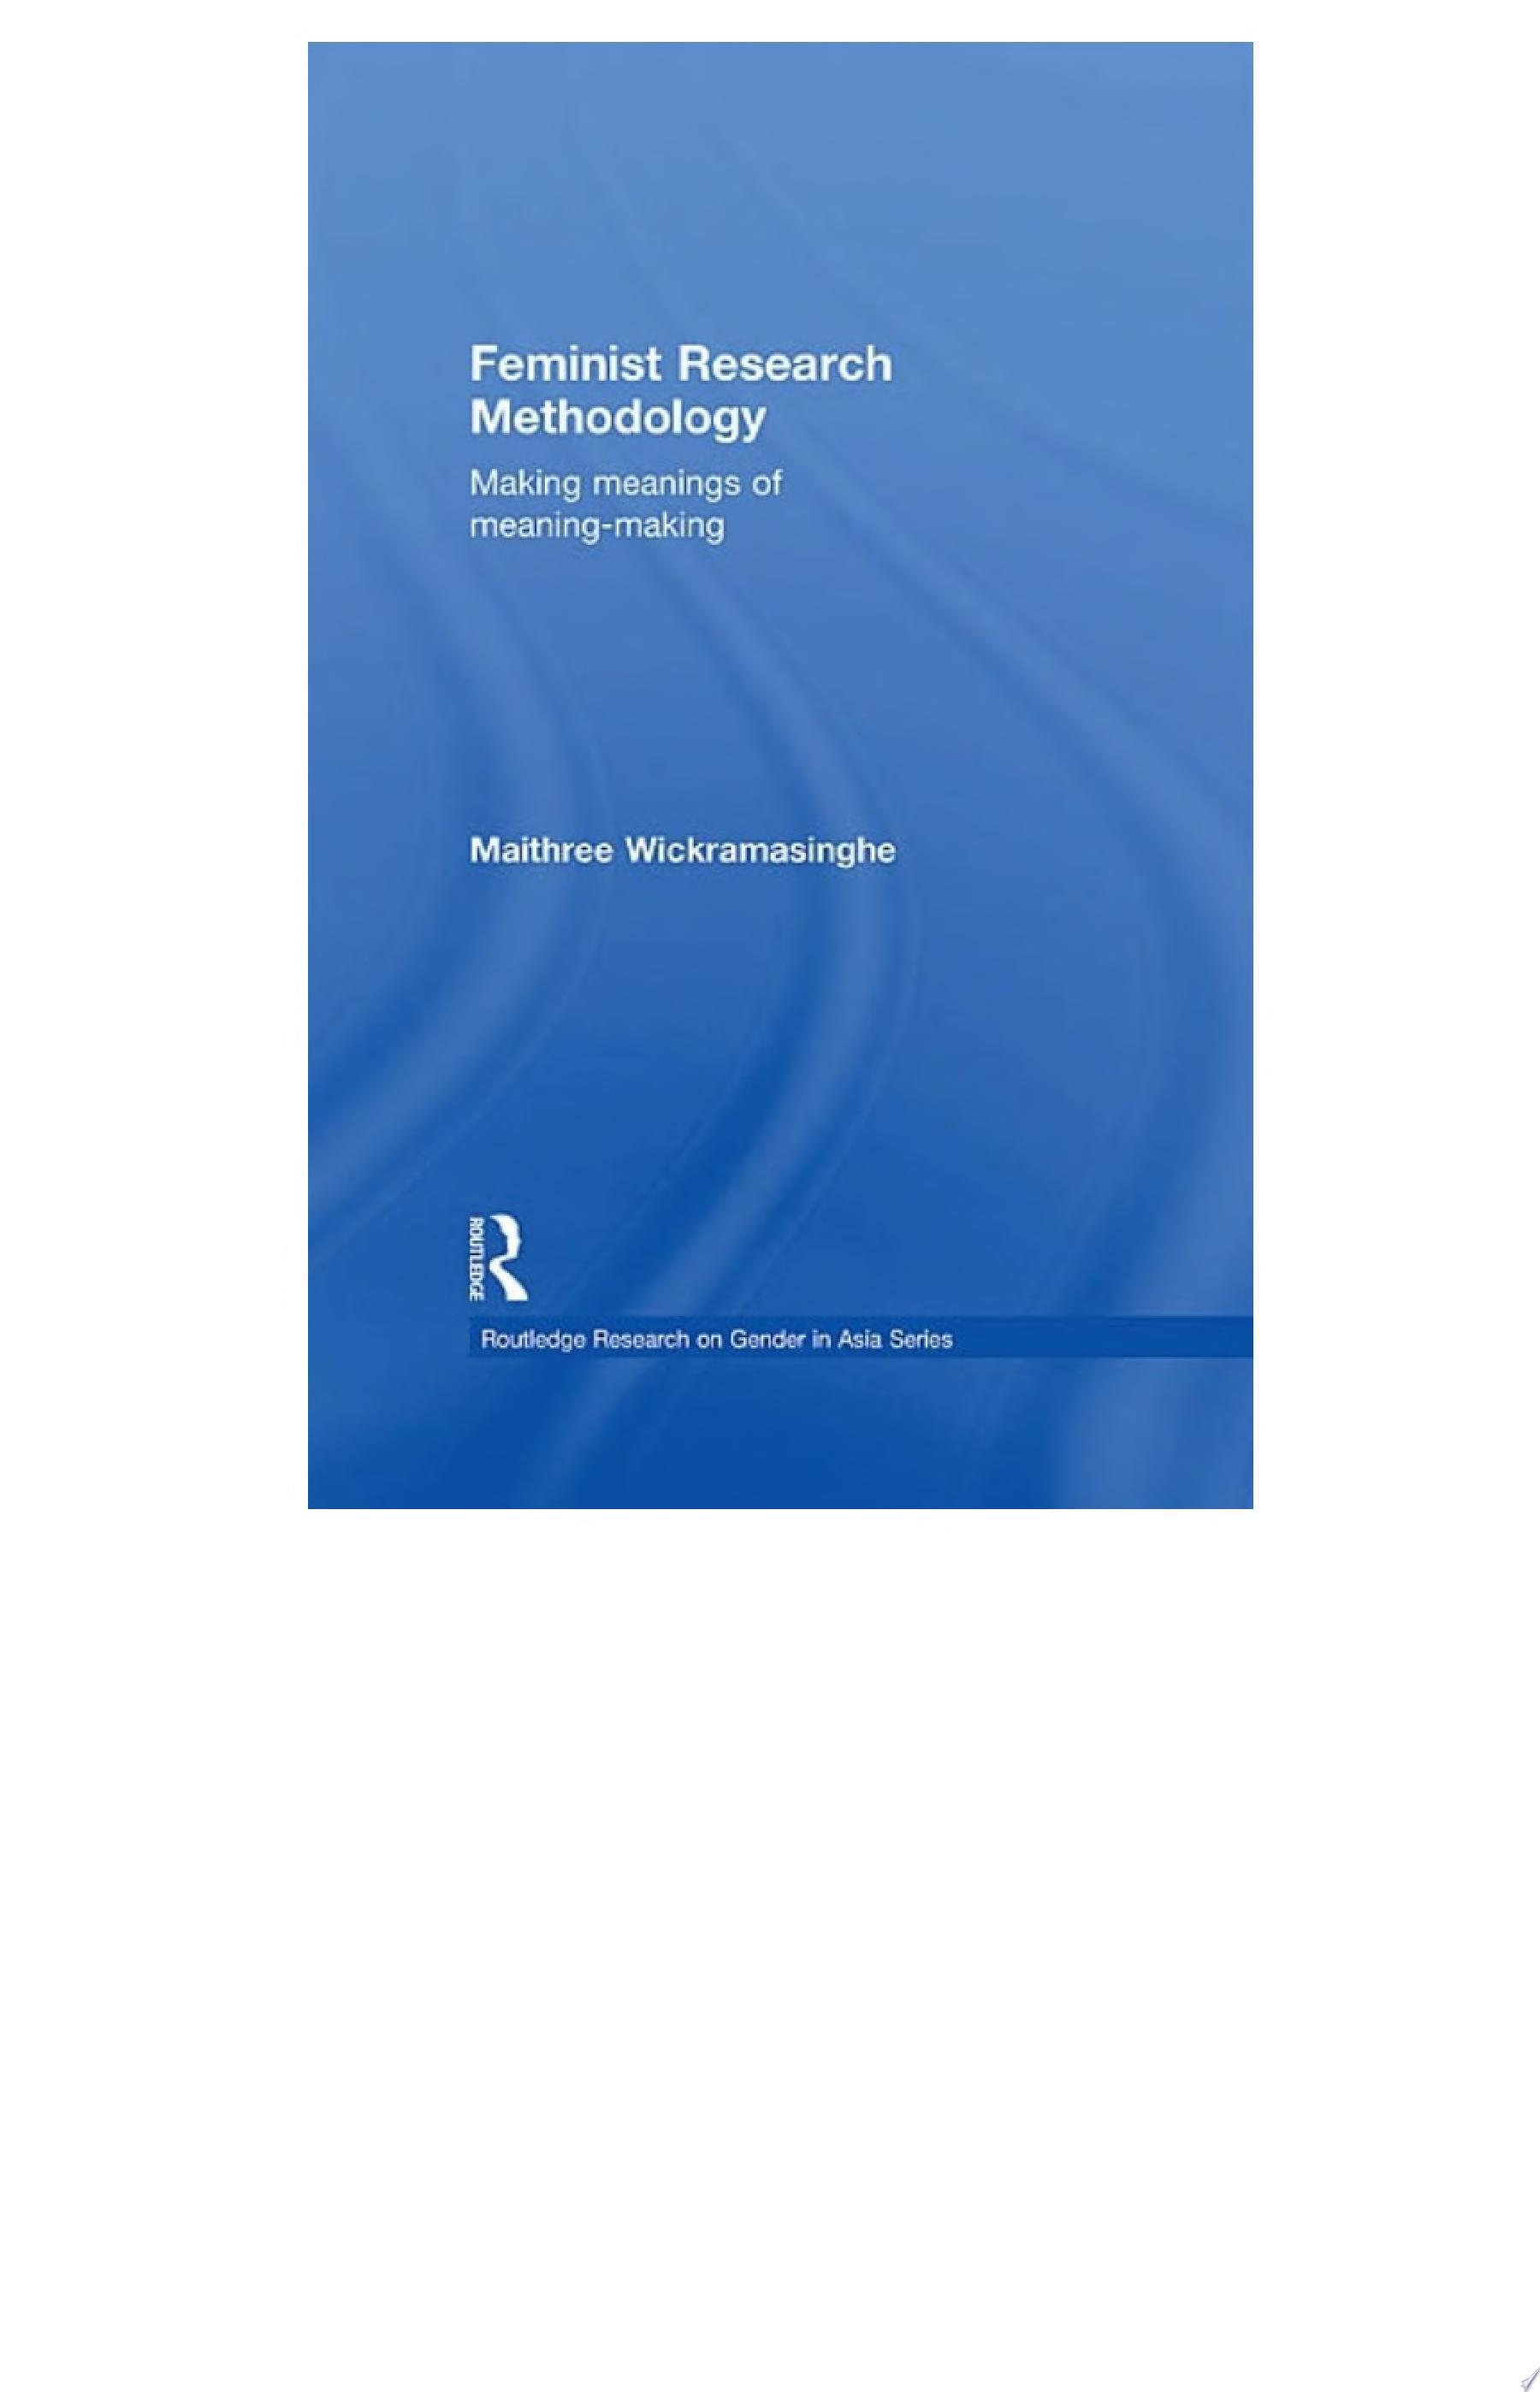 Feminist Research Methodology